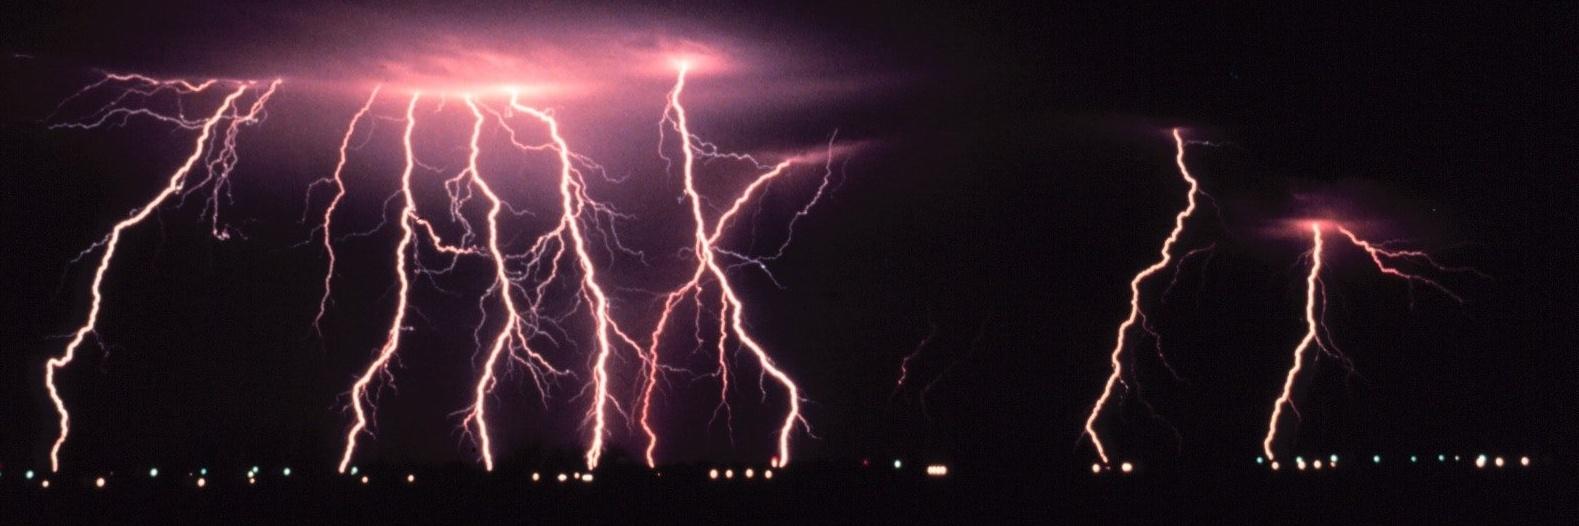 dark-evening-lightning-66867-706689-edited